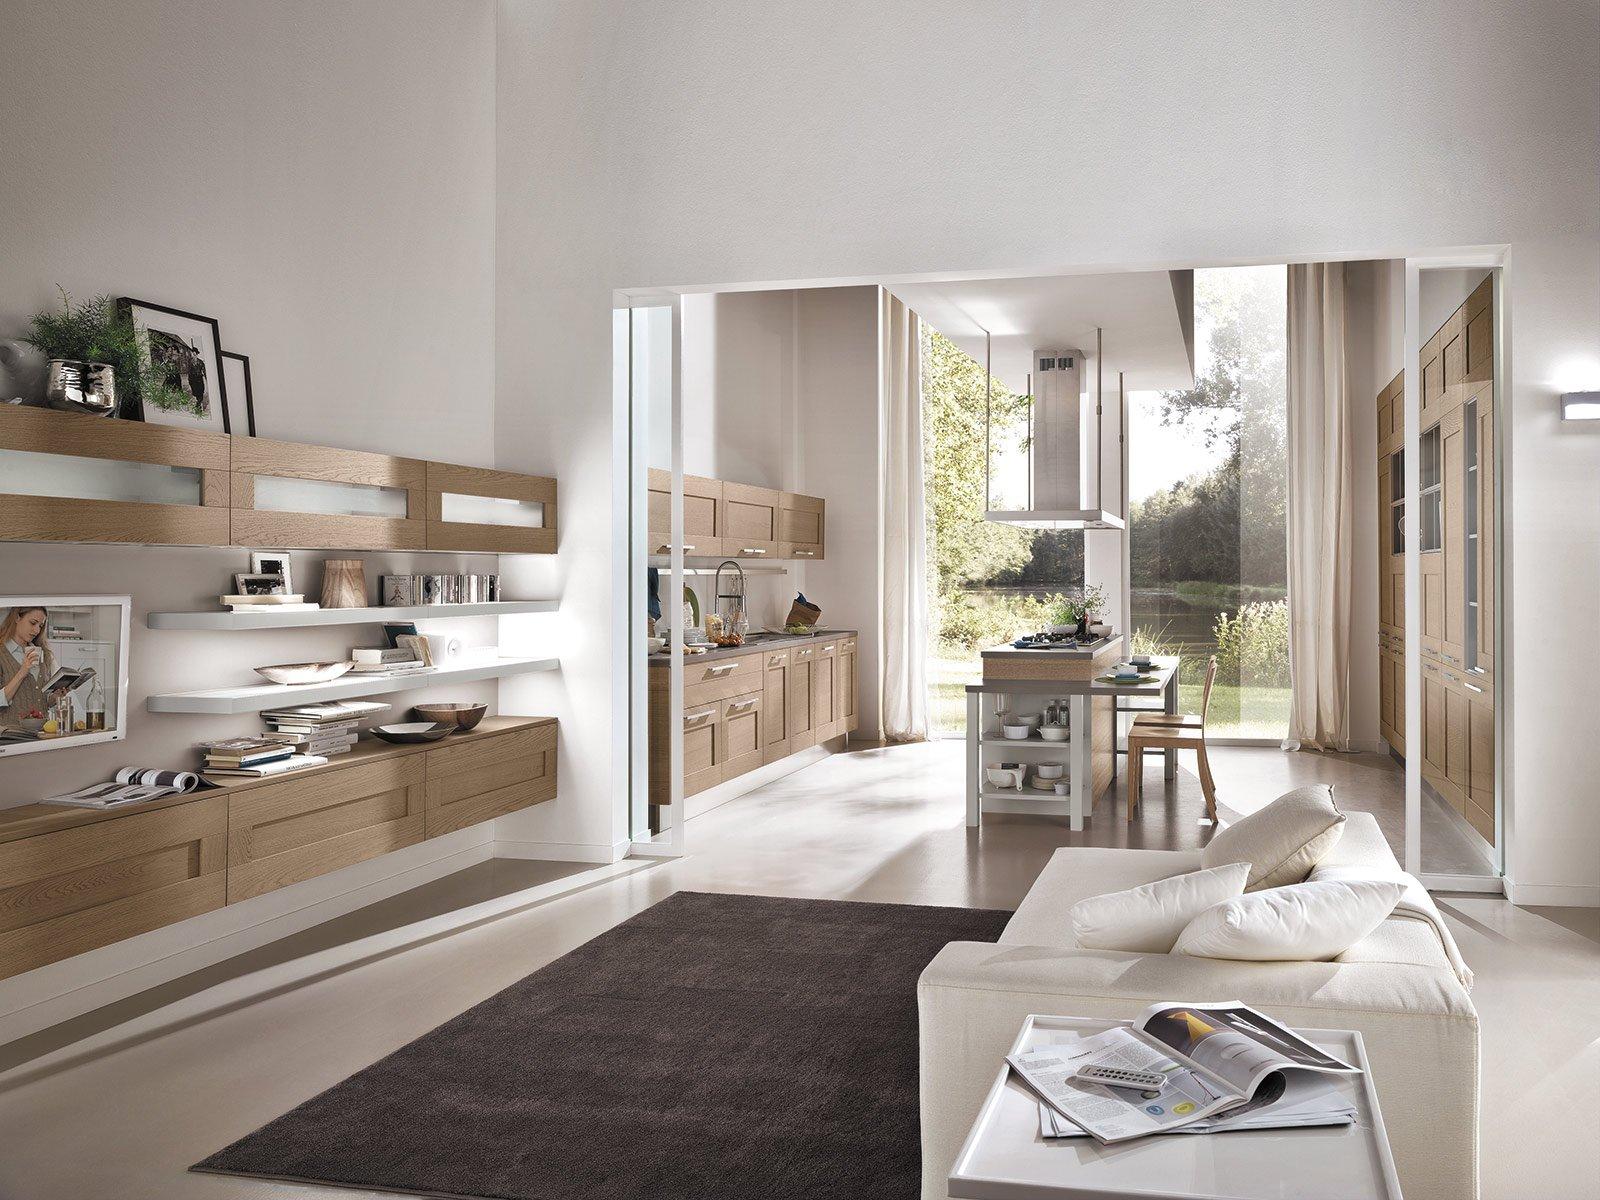 Cucine moderne in legno cose di casa - Colori per mobili cucina ...